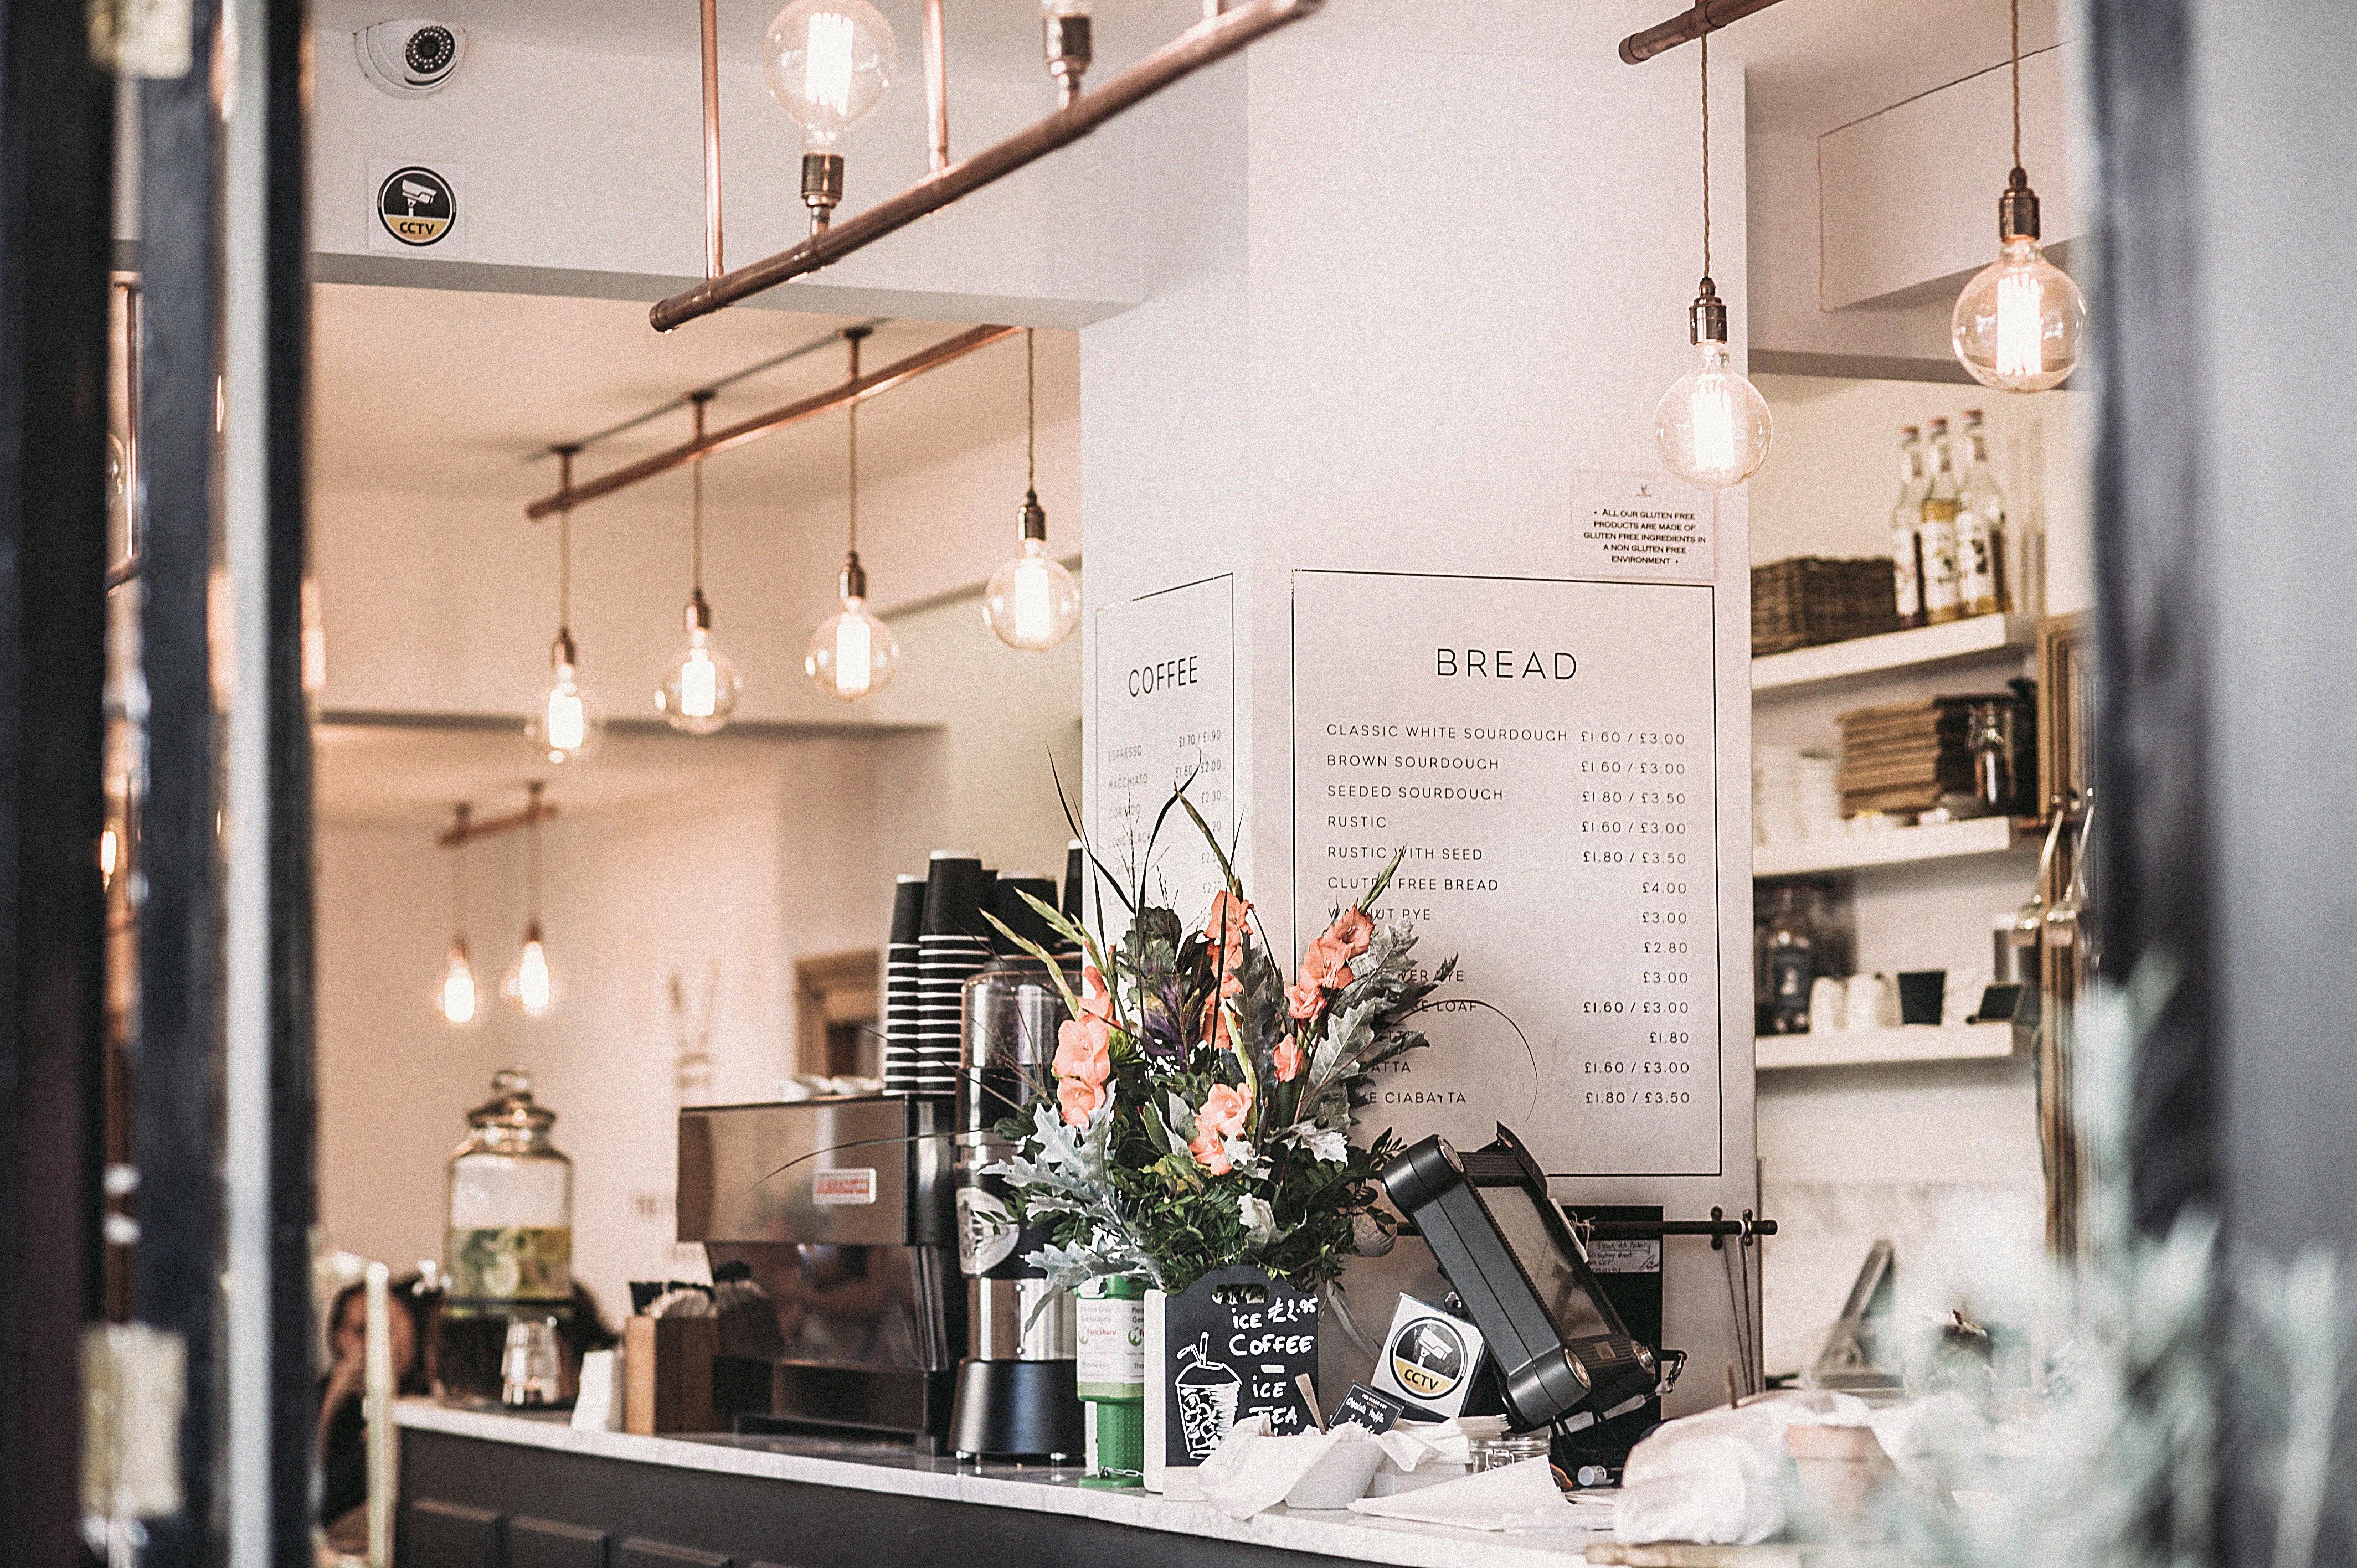 Design Per Ristoranti : Apre bistrò innovazione e design per il nuovo ristorante